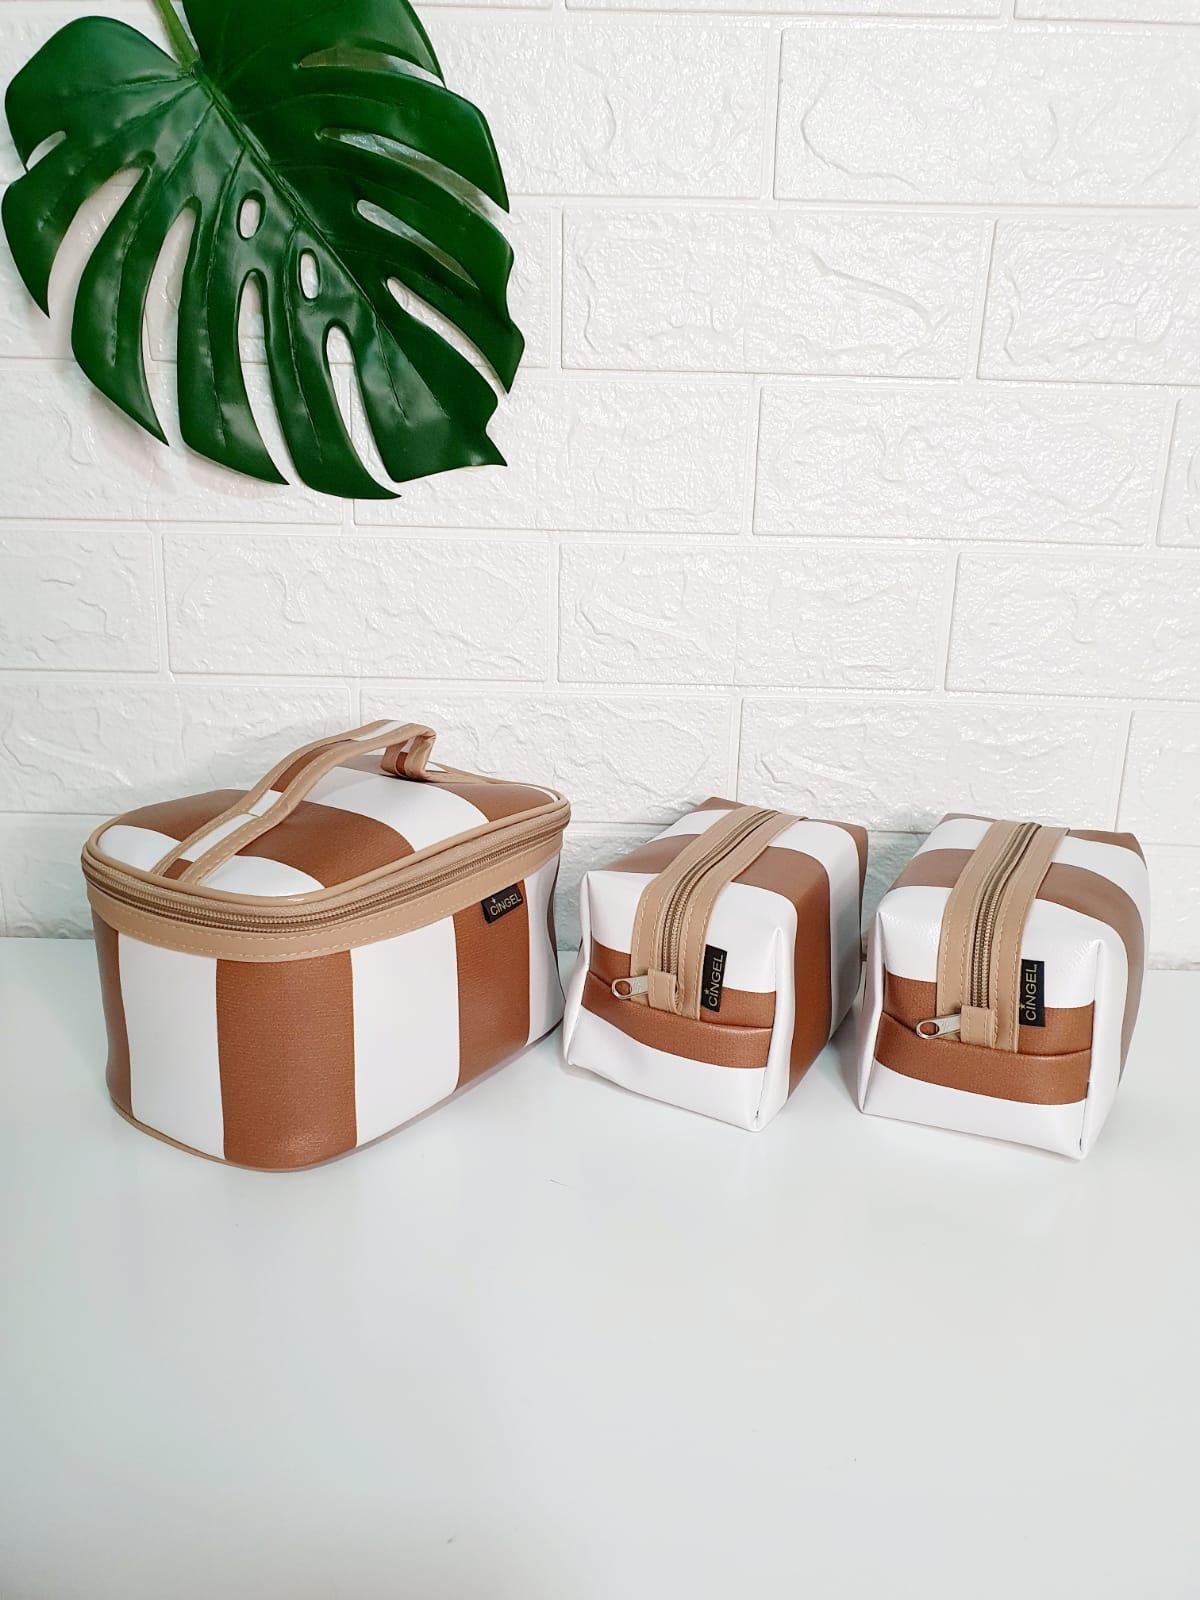 kit - Necessarie listrada pérola e caramelo - 3 peças